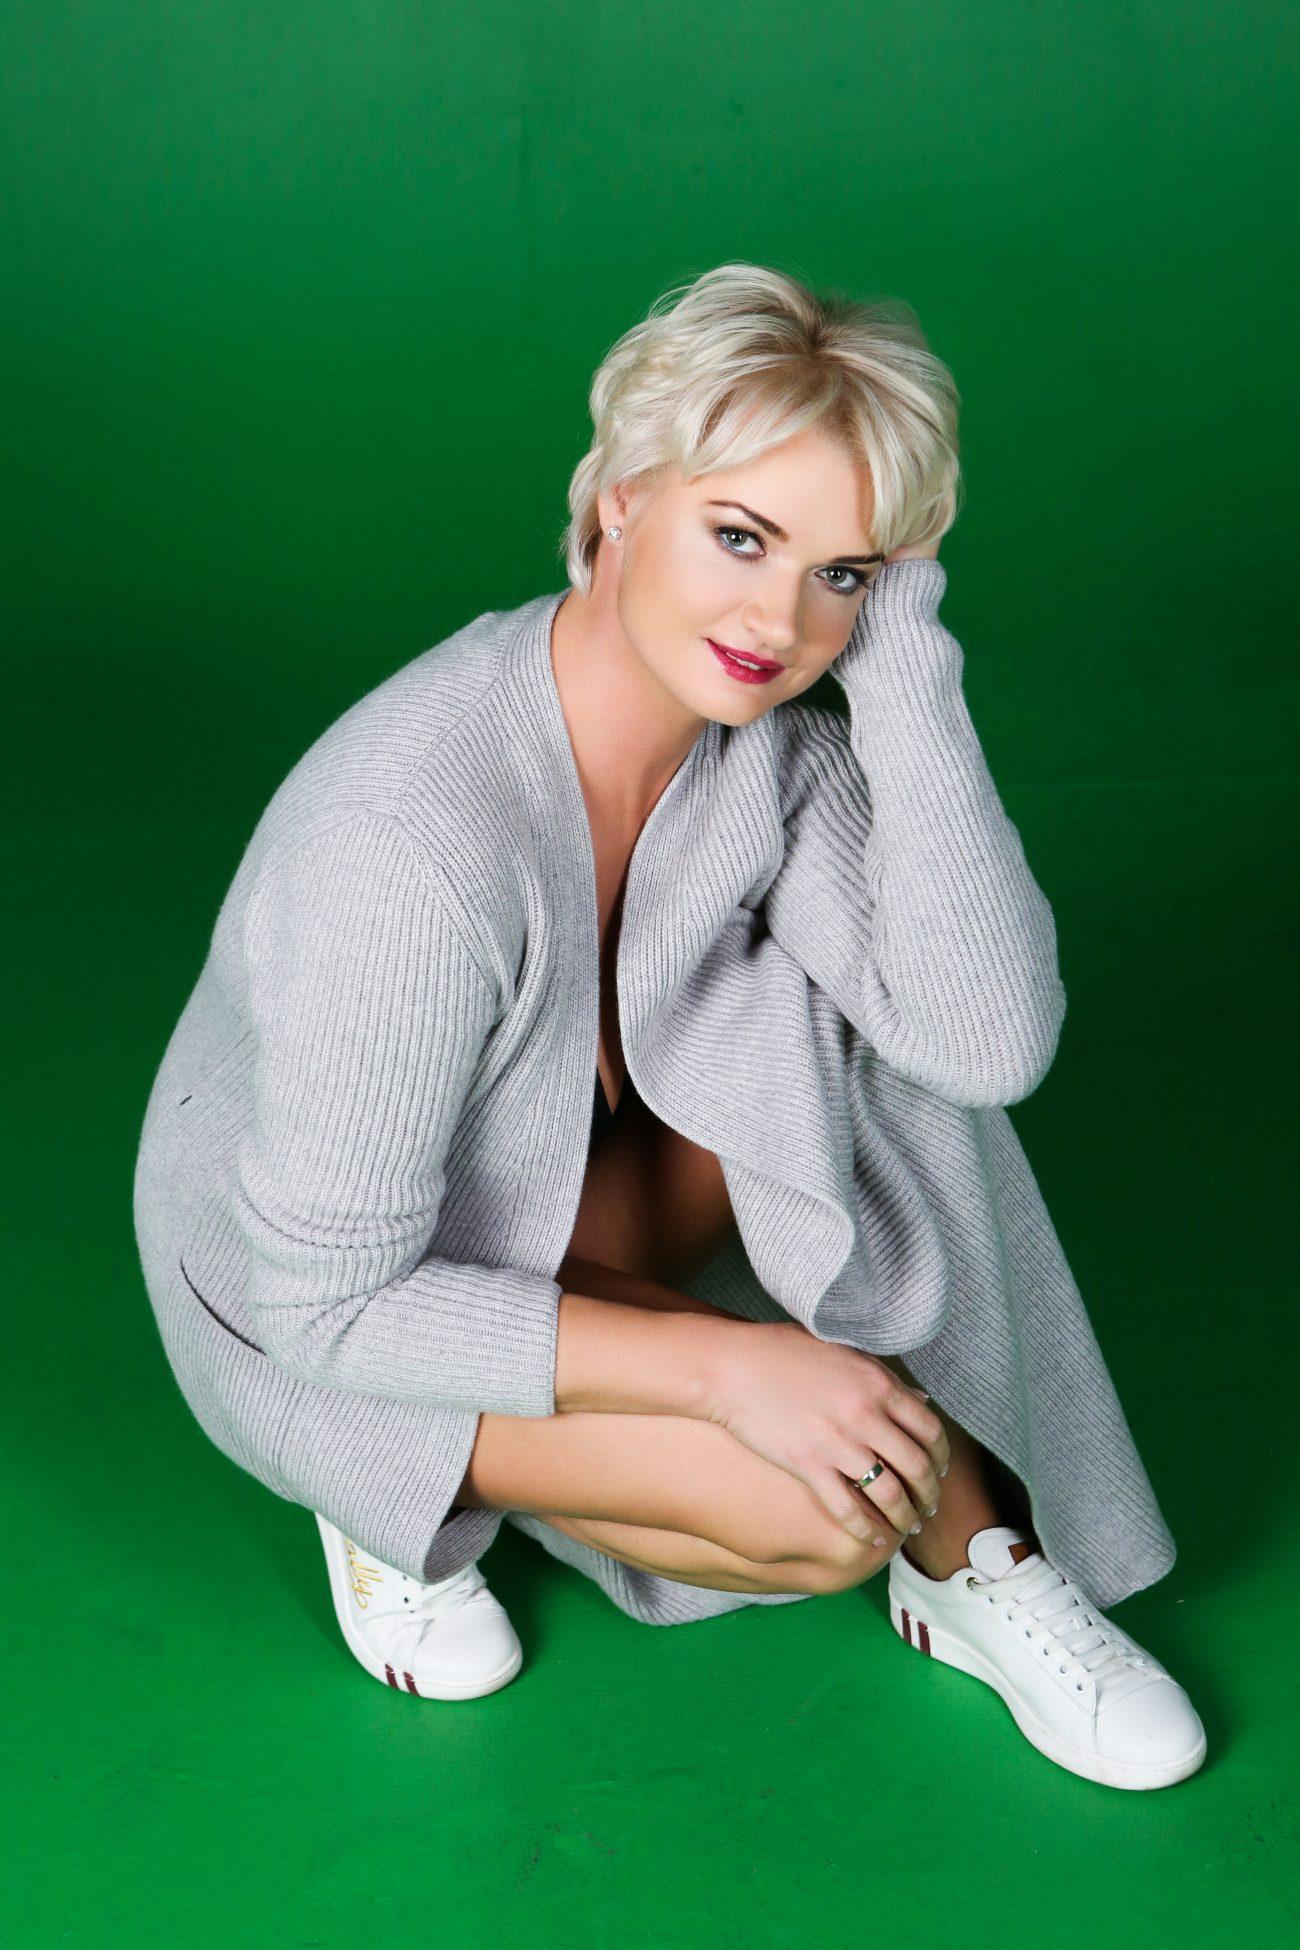 гимнастка Светлана Хоркина